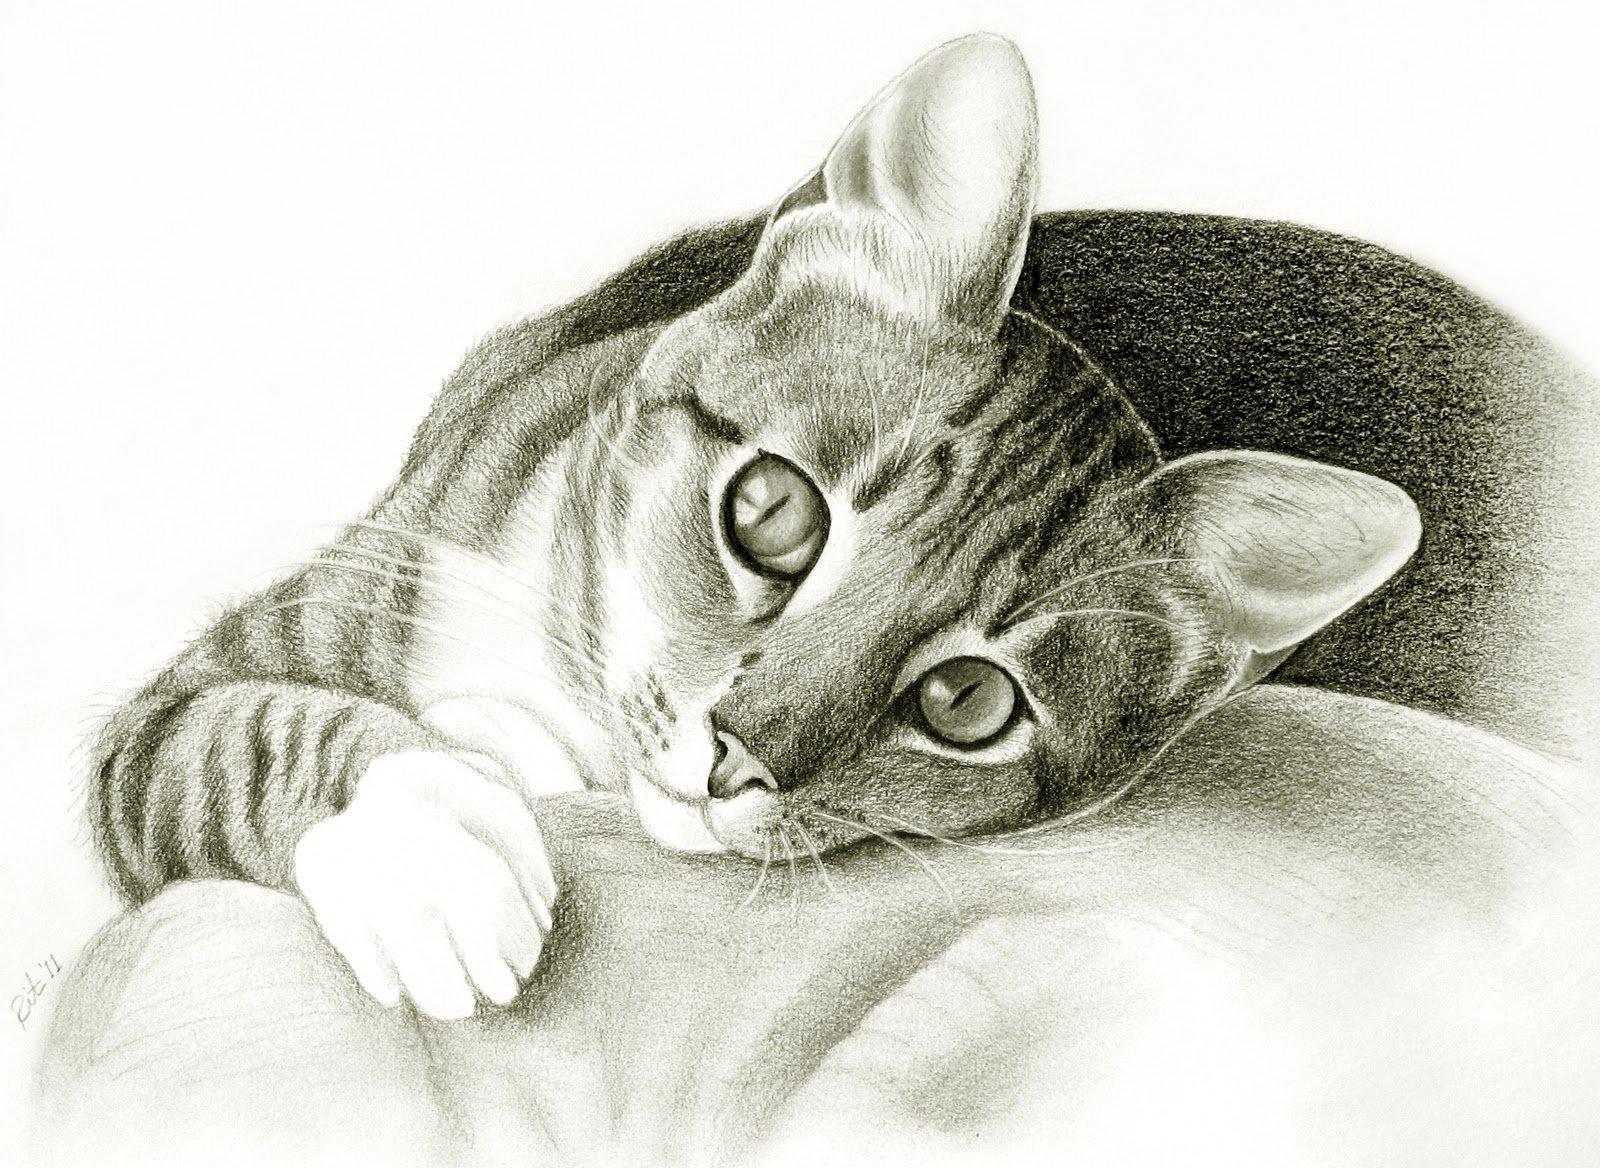 Нарисованный на картинке кот